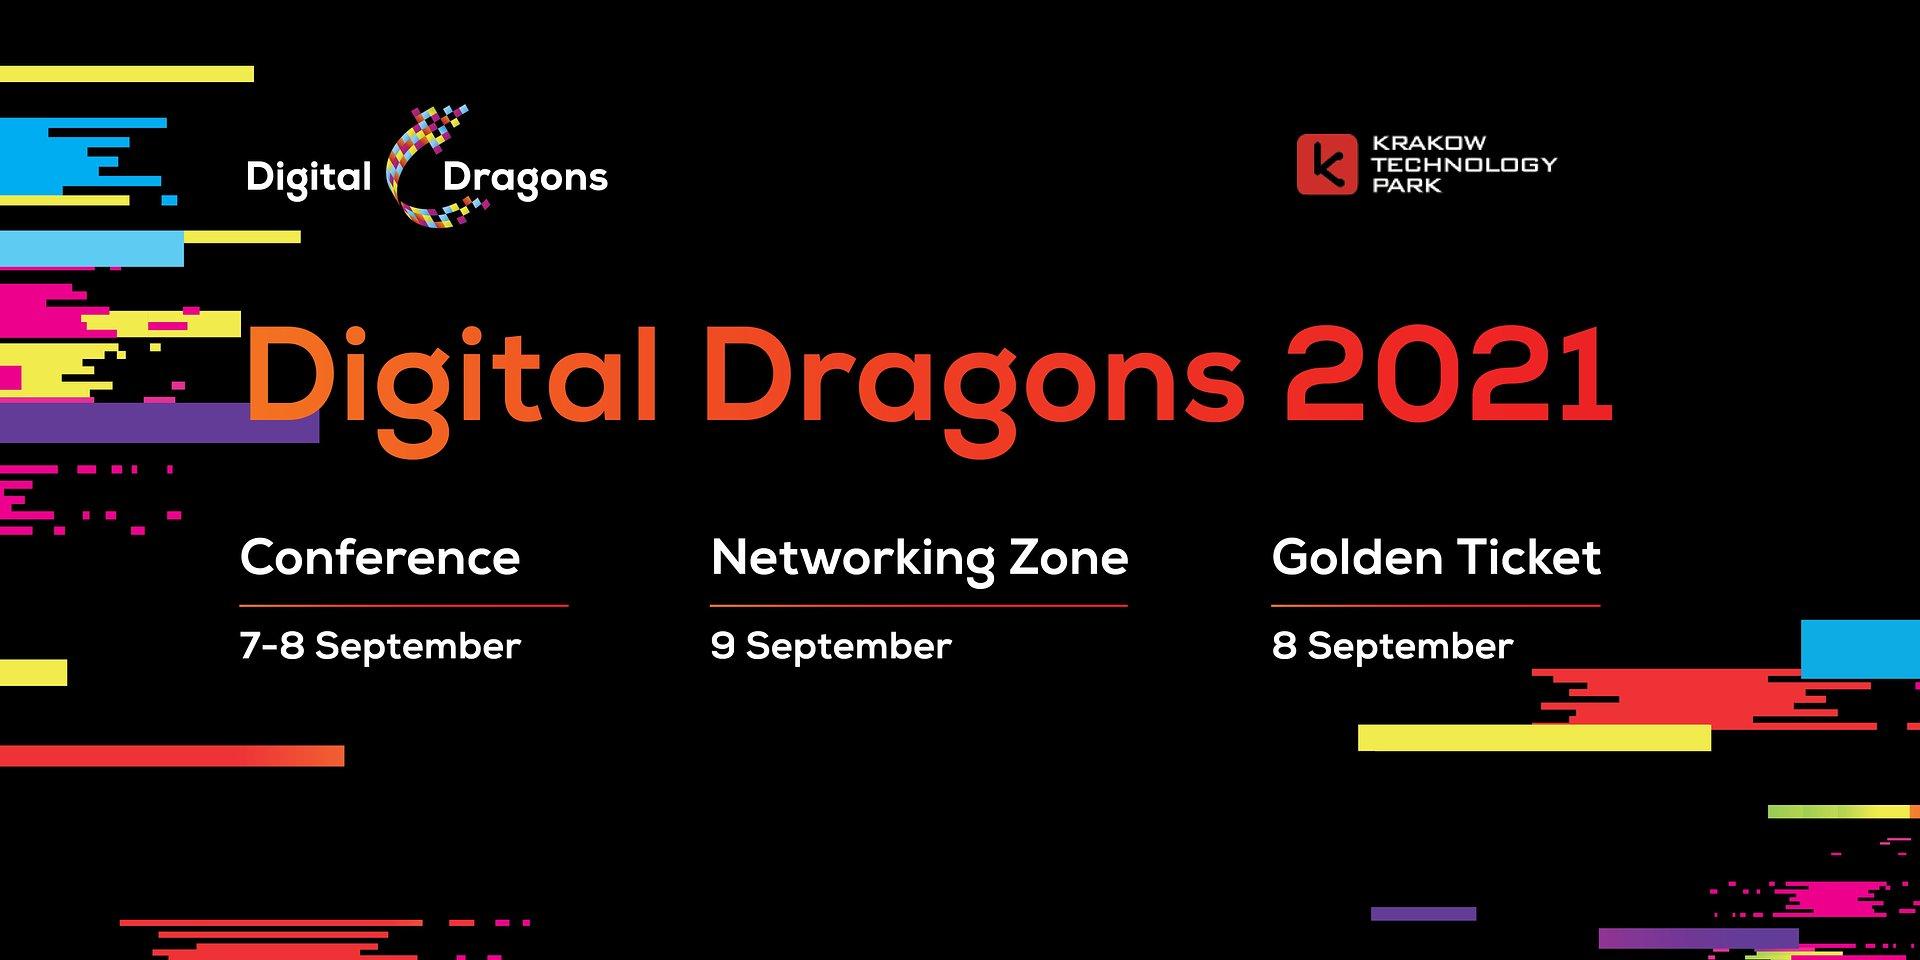 Digital Dragons, главное европейское геймдев-событие года, начинается завтра, успейте поучаствовать!